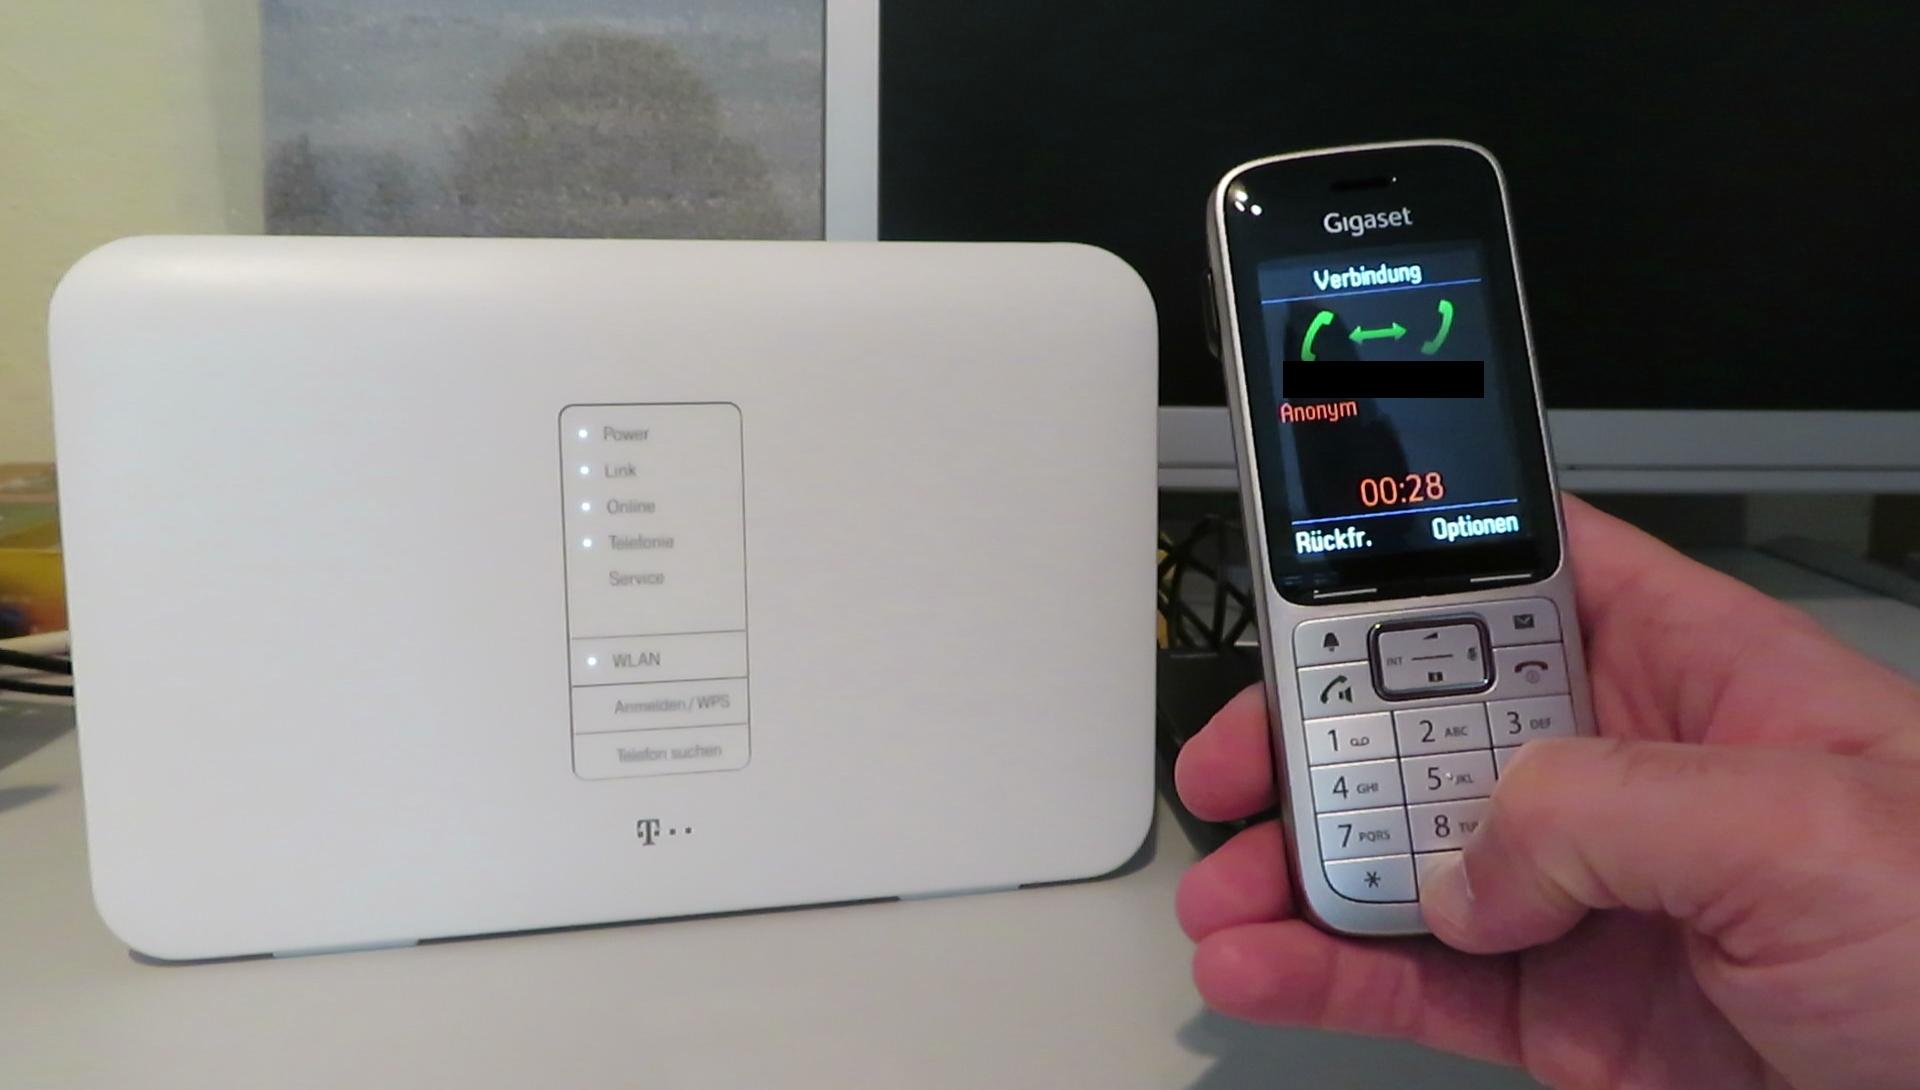 gel st speedport 724v vermitteln von gigaset c430hx telekom hilft community. Black Bedroom Furniture Sets. Home Design Ideas